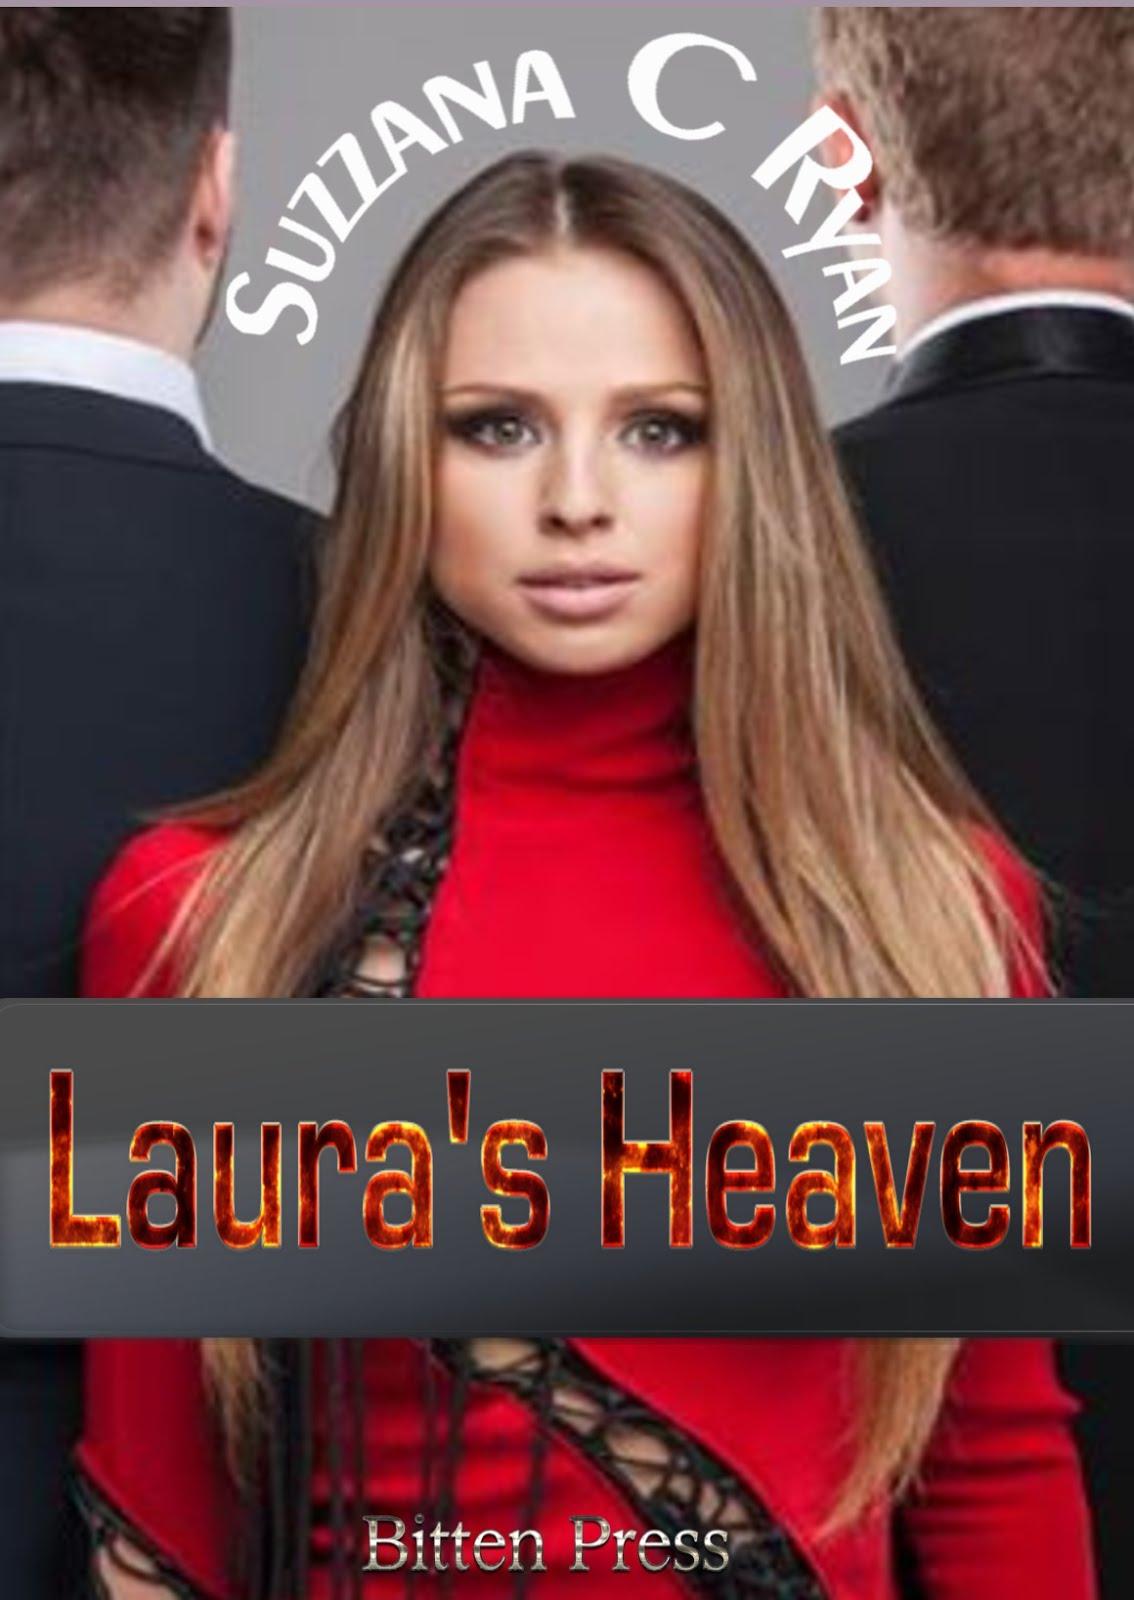 Laura' Heaven